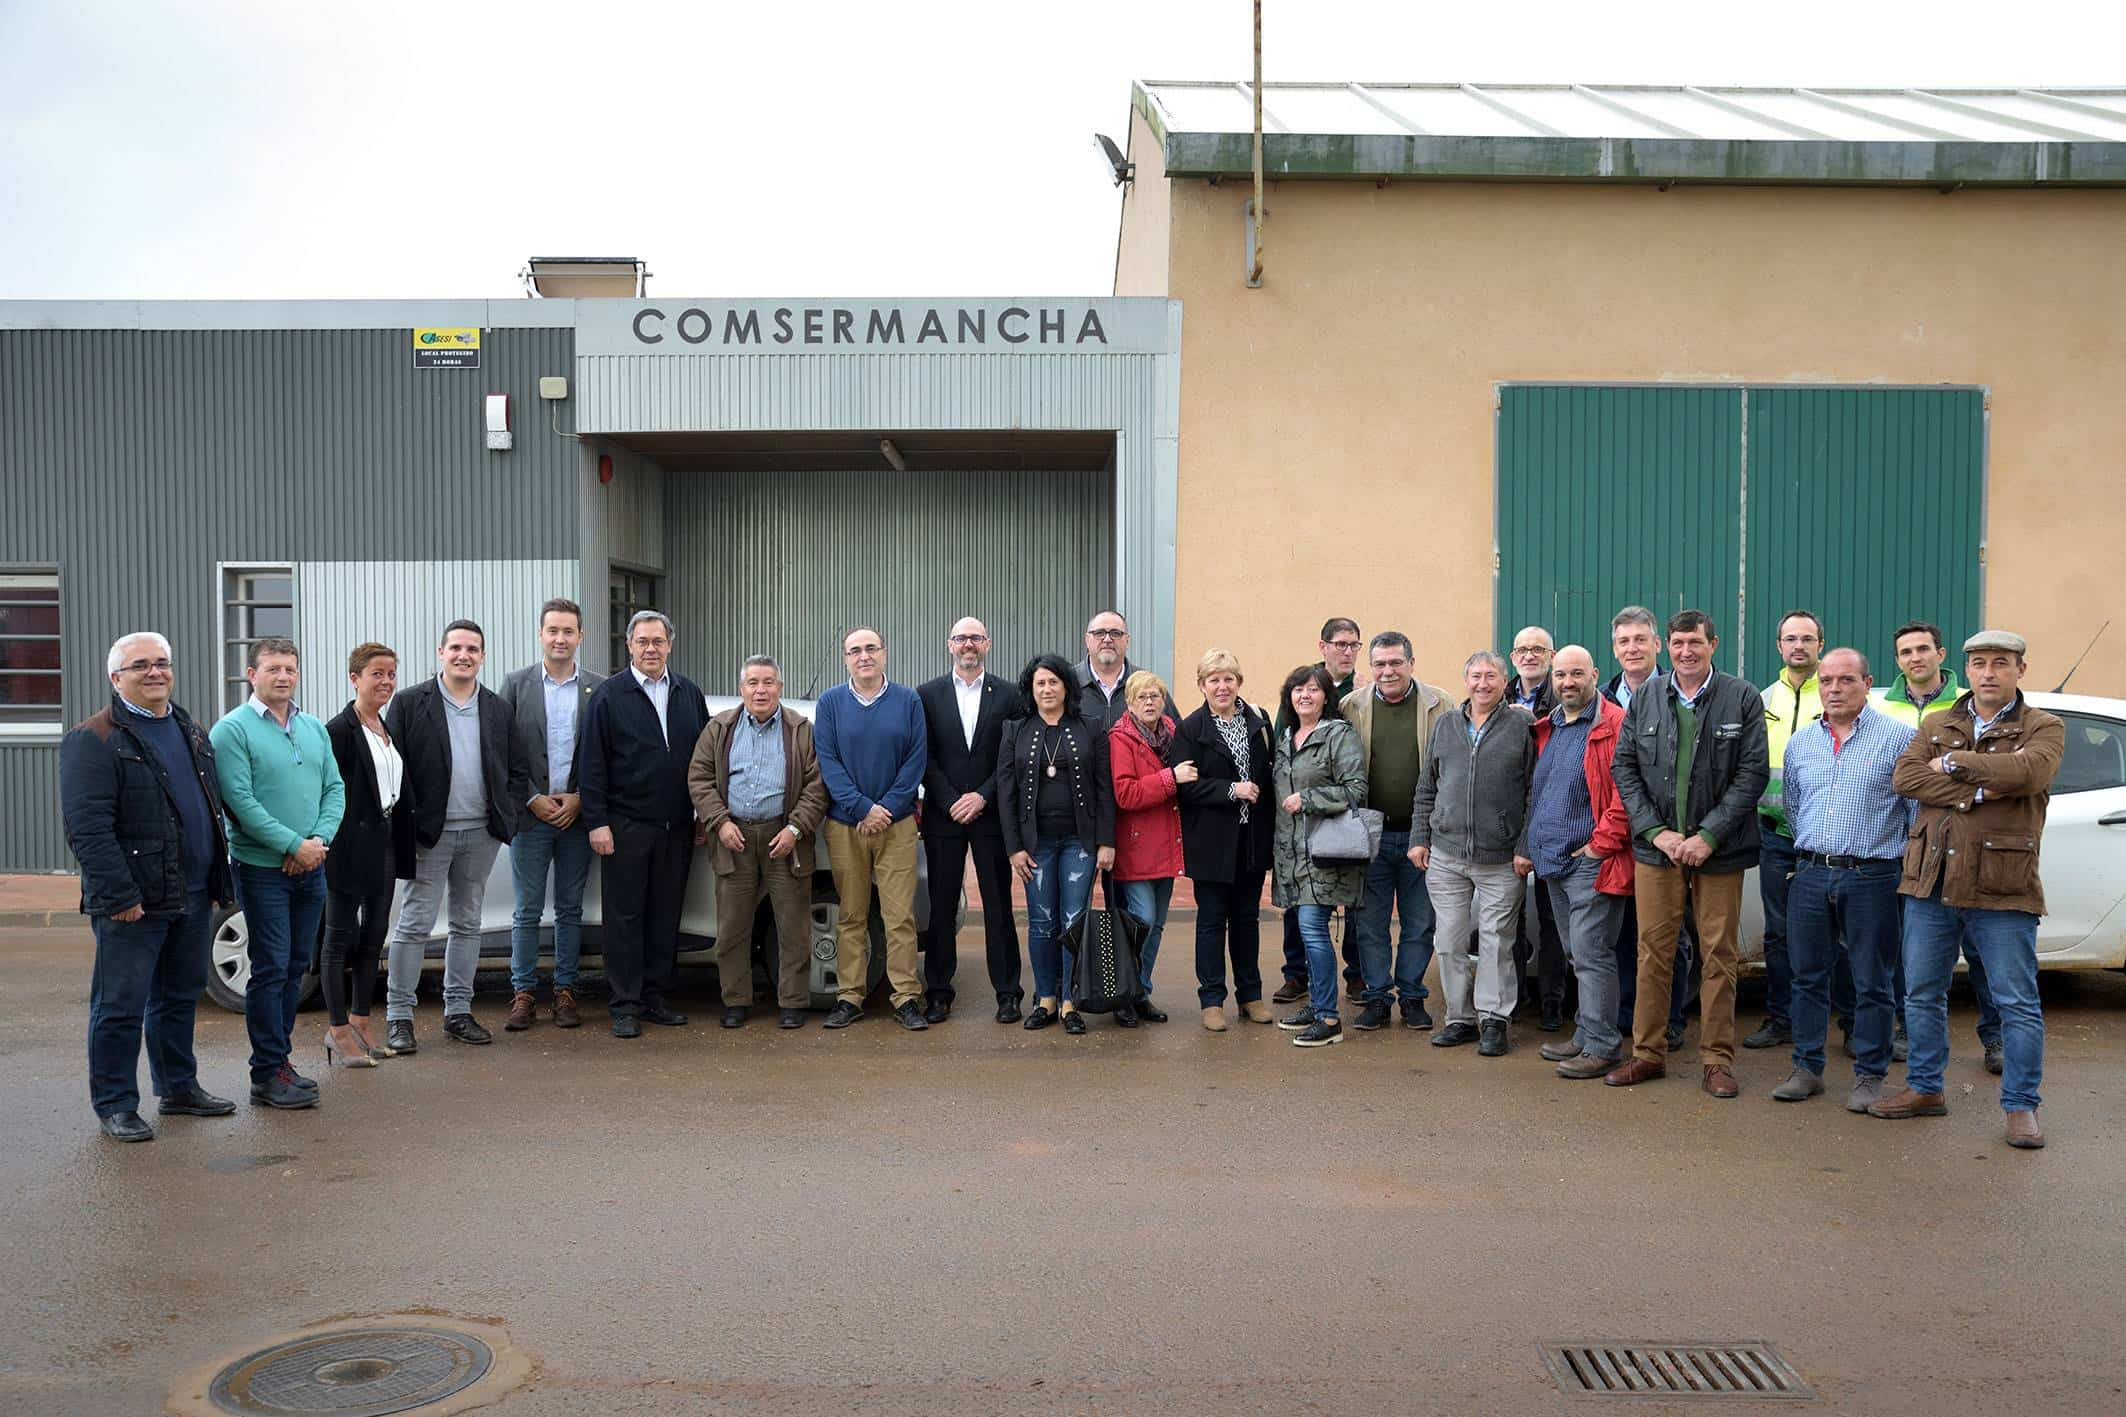 La Corporación de Comsermancha visita la planta de RSU y el Patronato 3